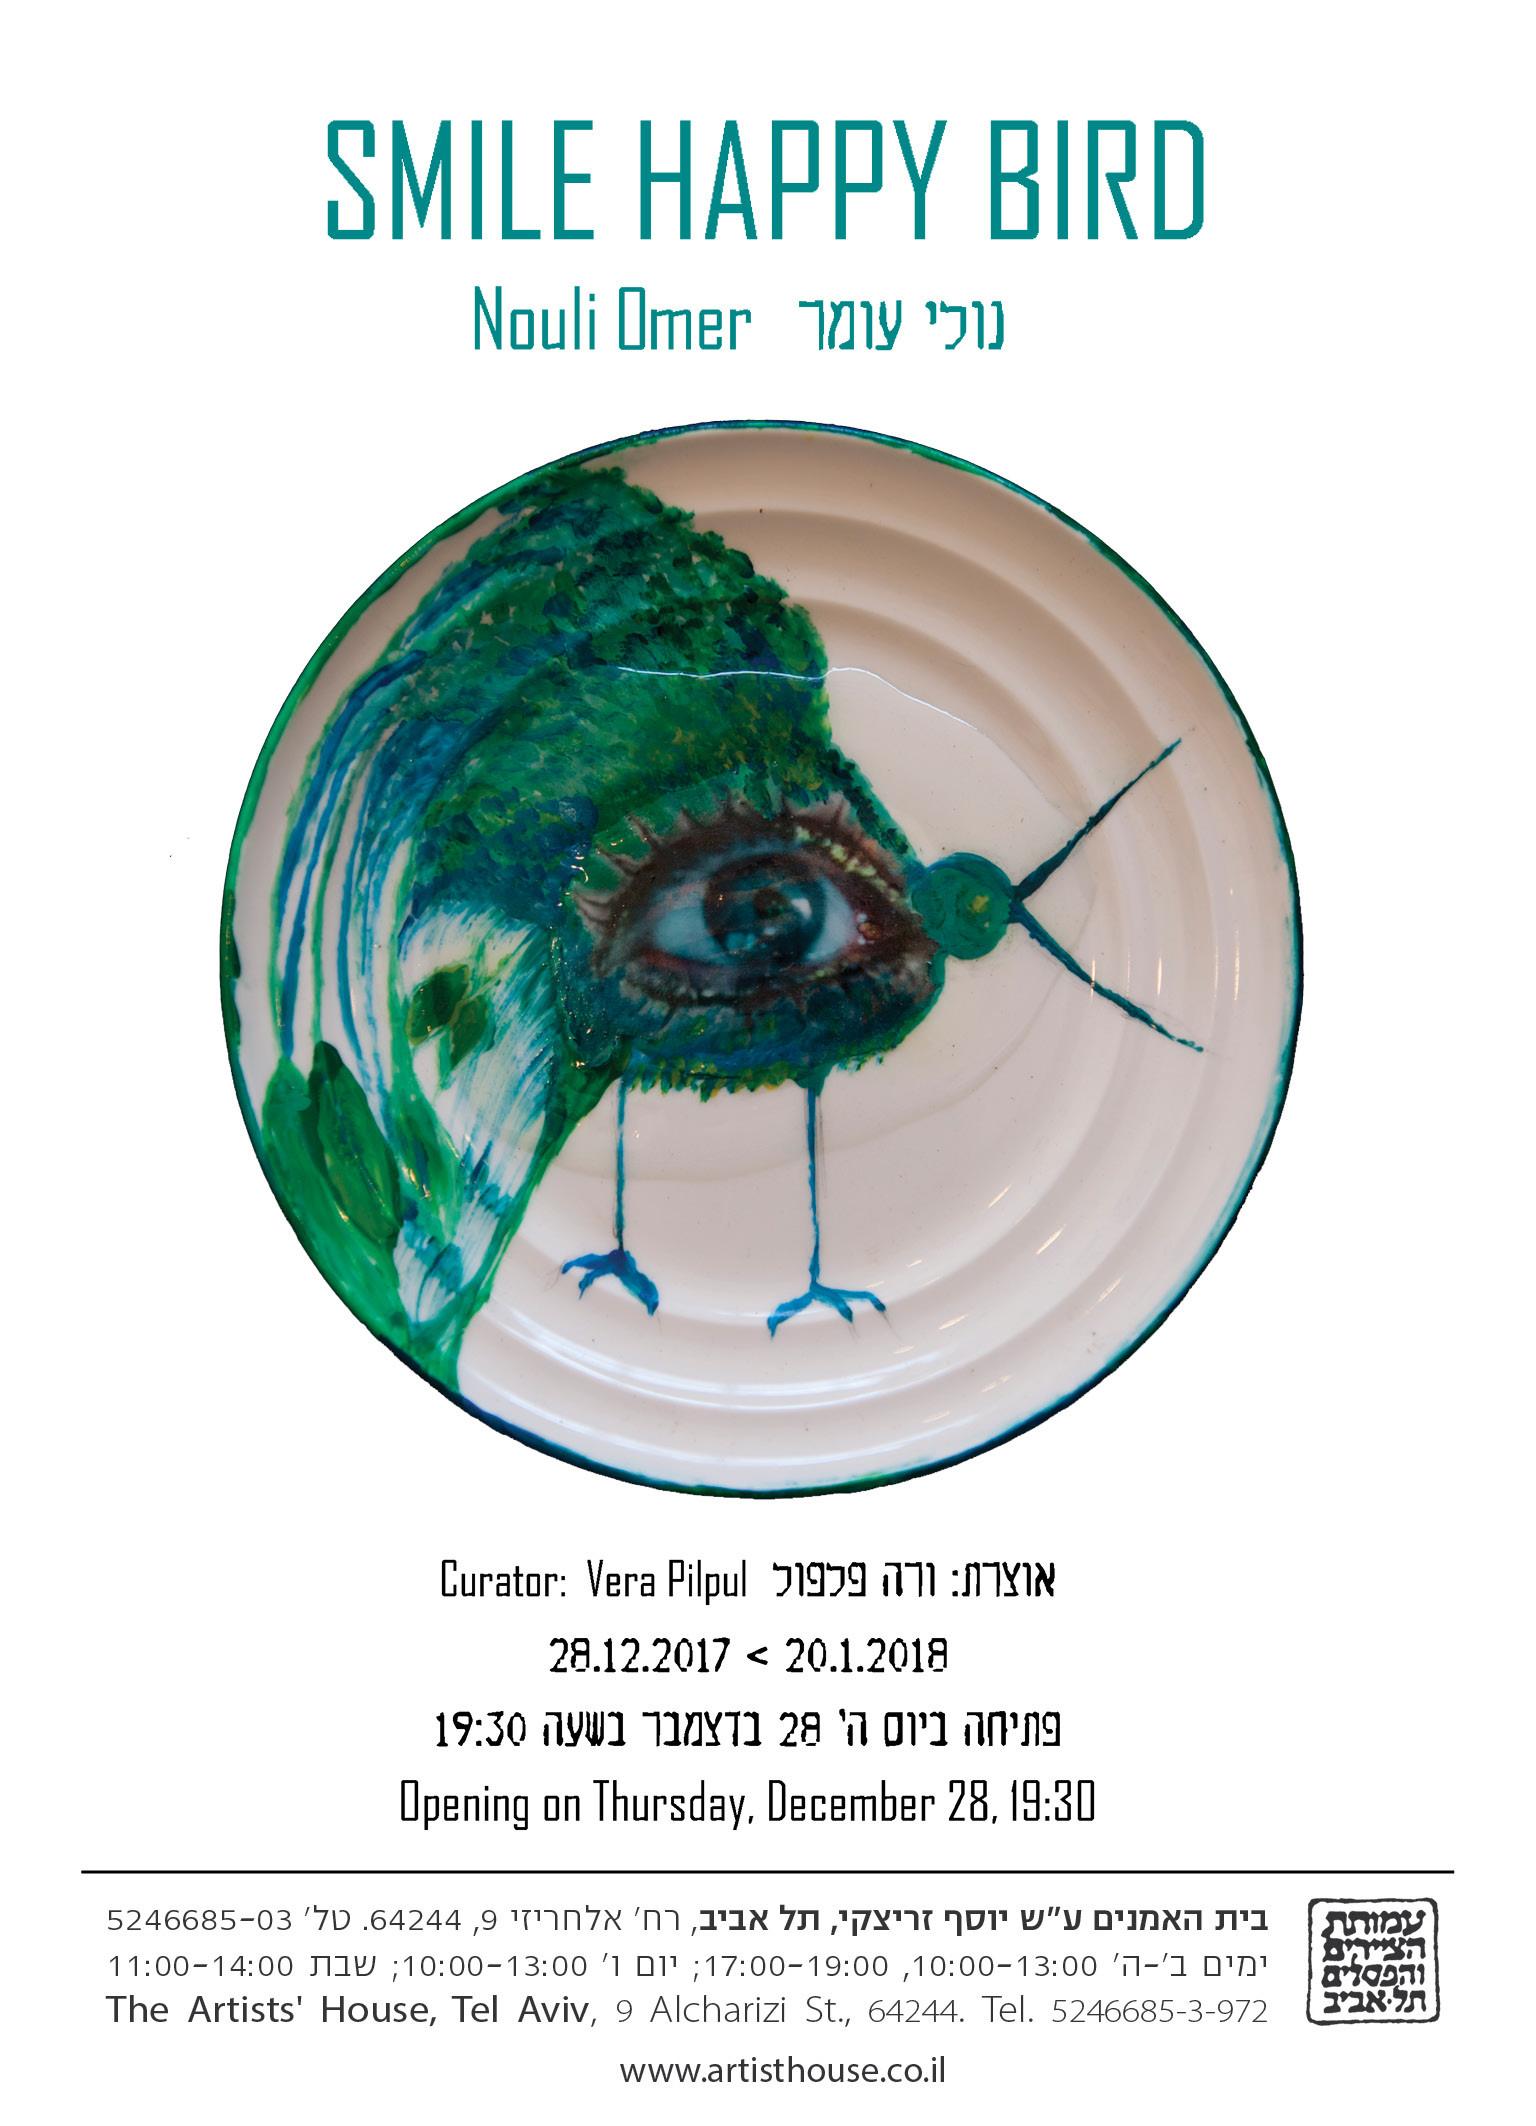 Smile happy bird print new - invitation 2